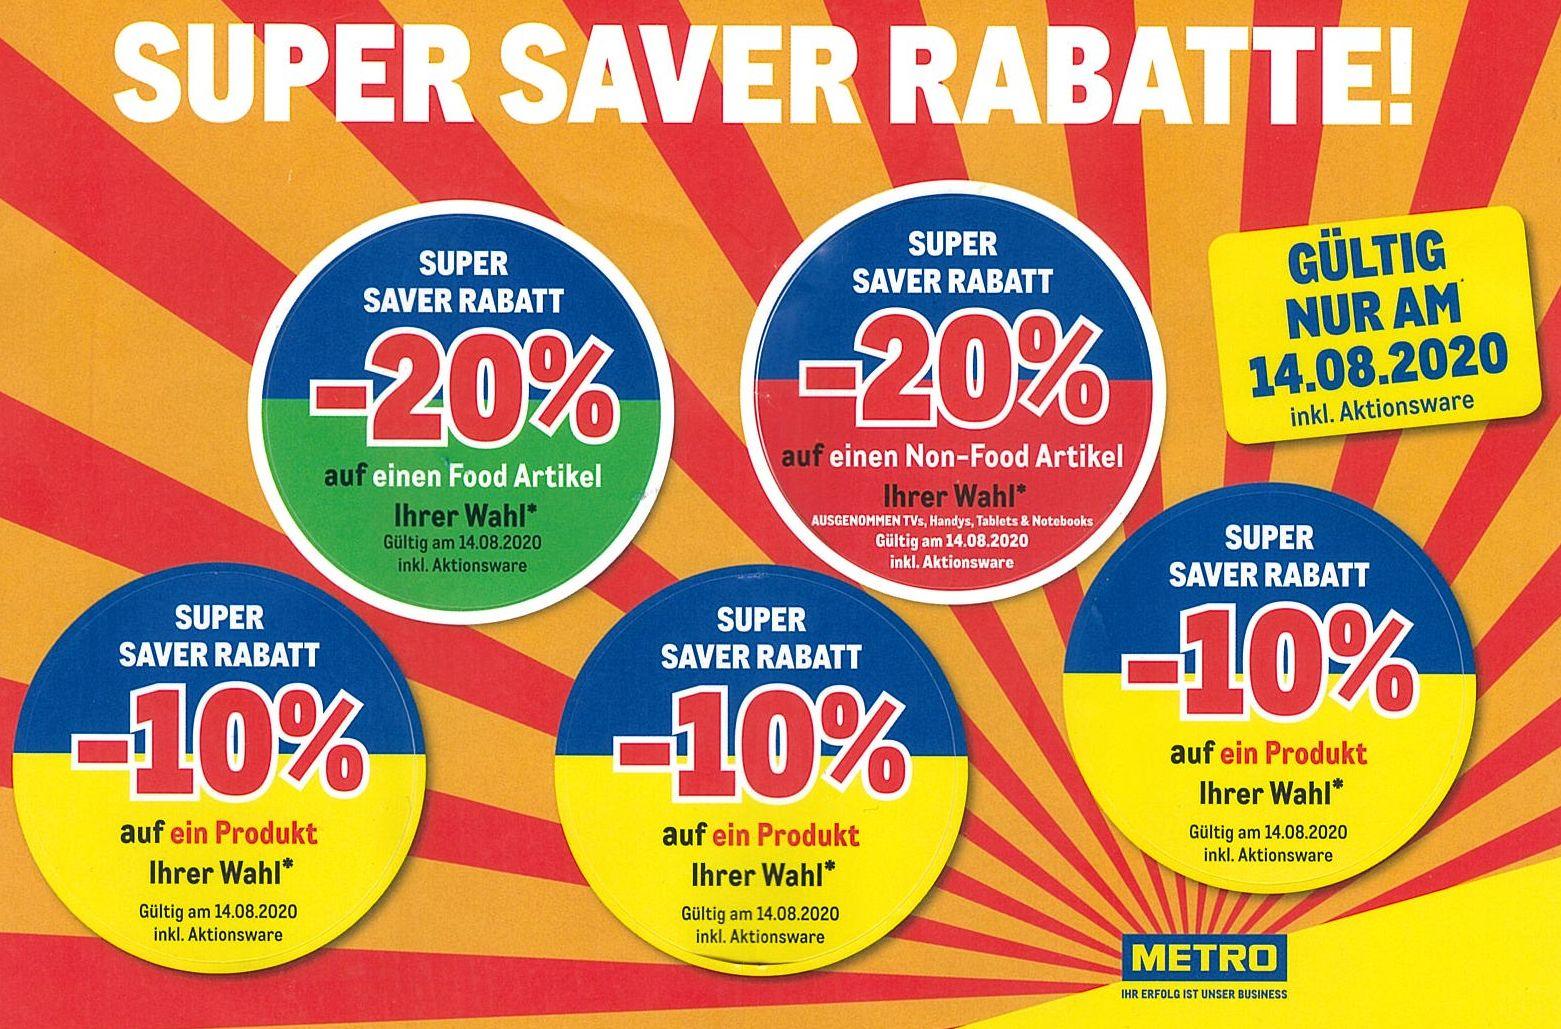 METRO: Super Saver Rabatte am Fr. 14.08.2020 (inkl. Aktionen und Abverkauf)